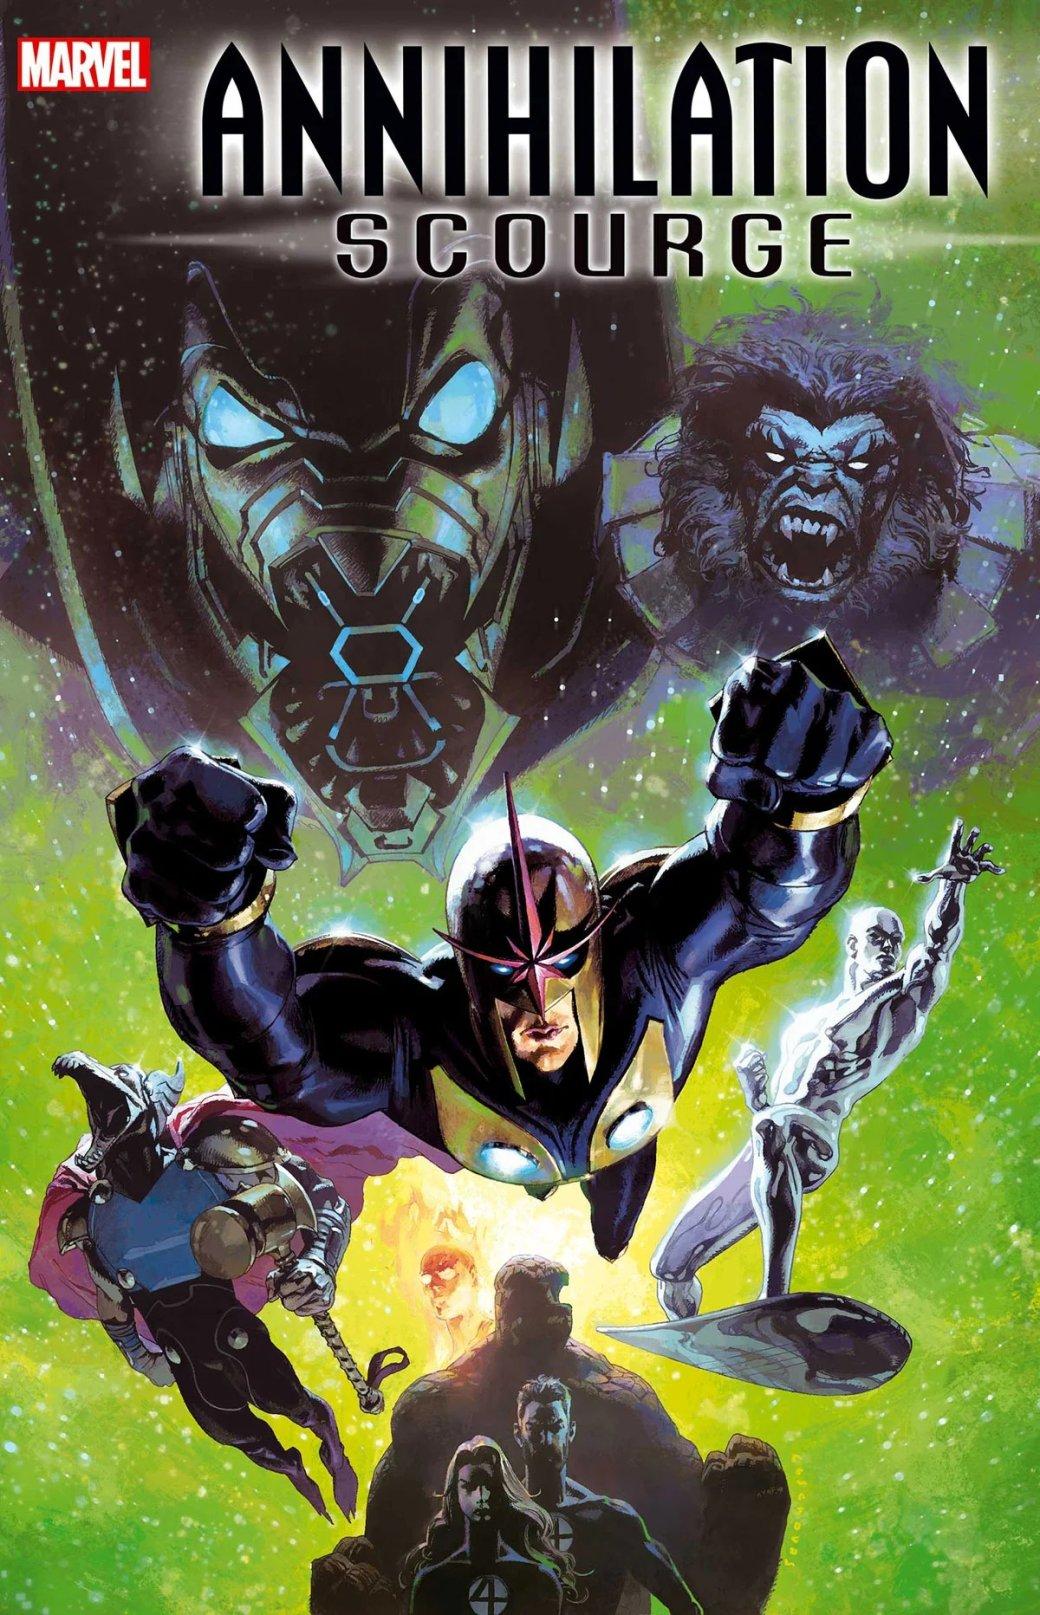 Amazon случайно проспойлерила новый космический сюжет Marvel  | Канобу - Изображение 1